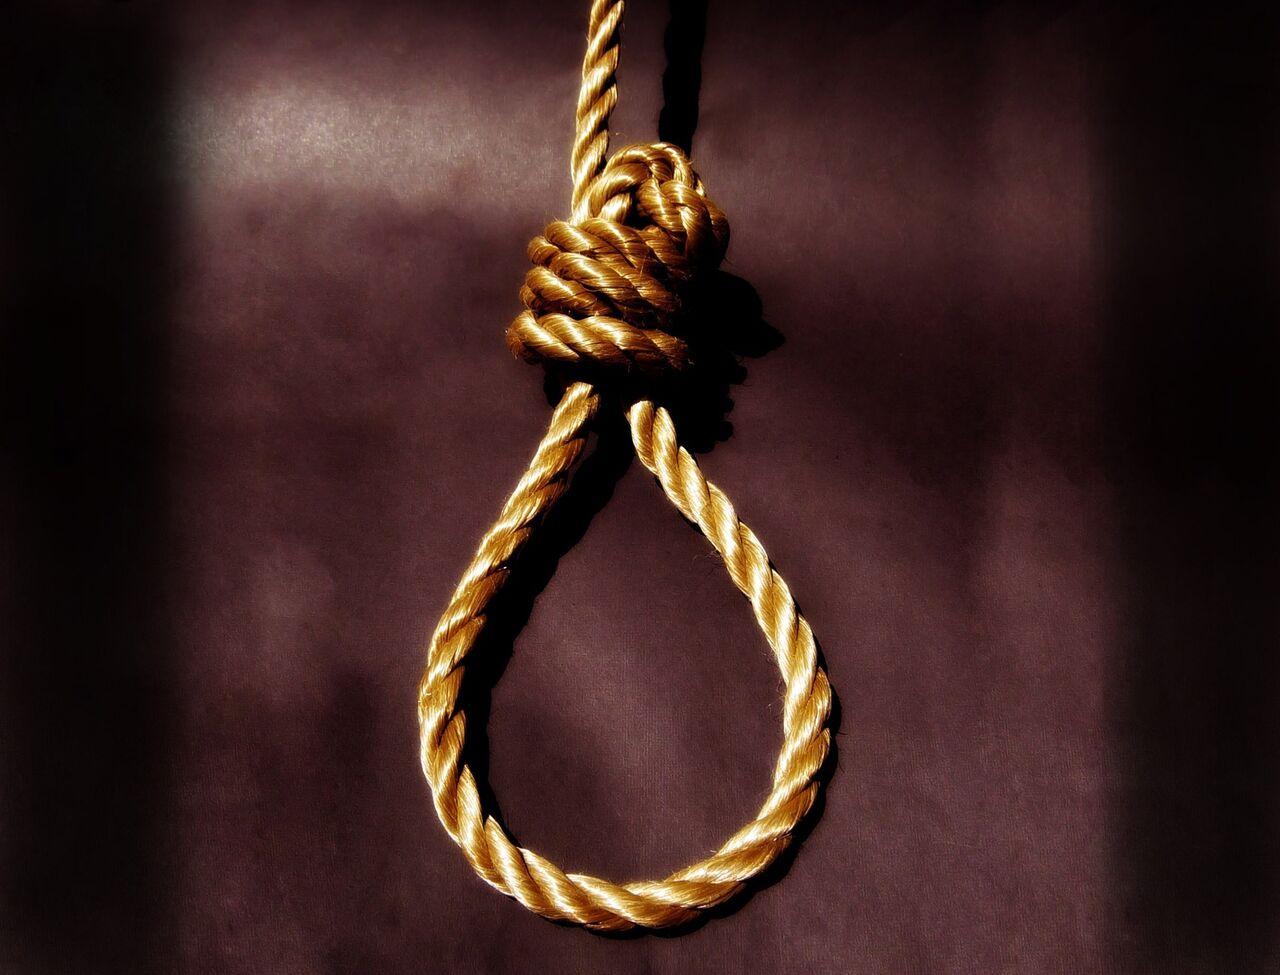 2-ое самоубийство совершено встенах школы вБурятии